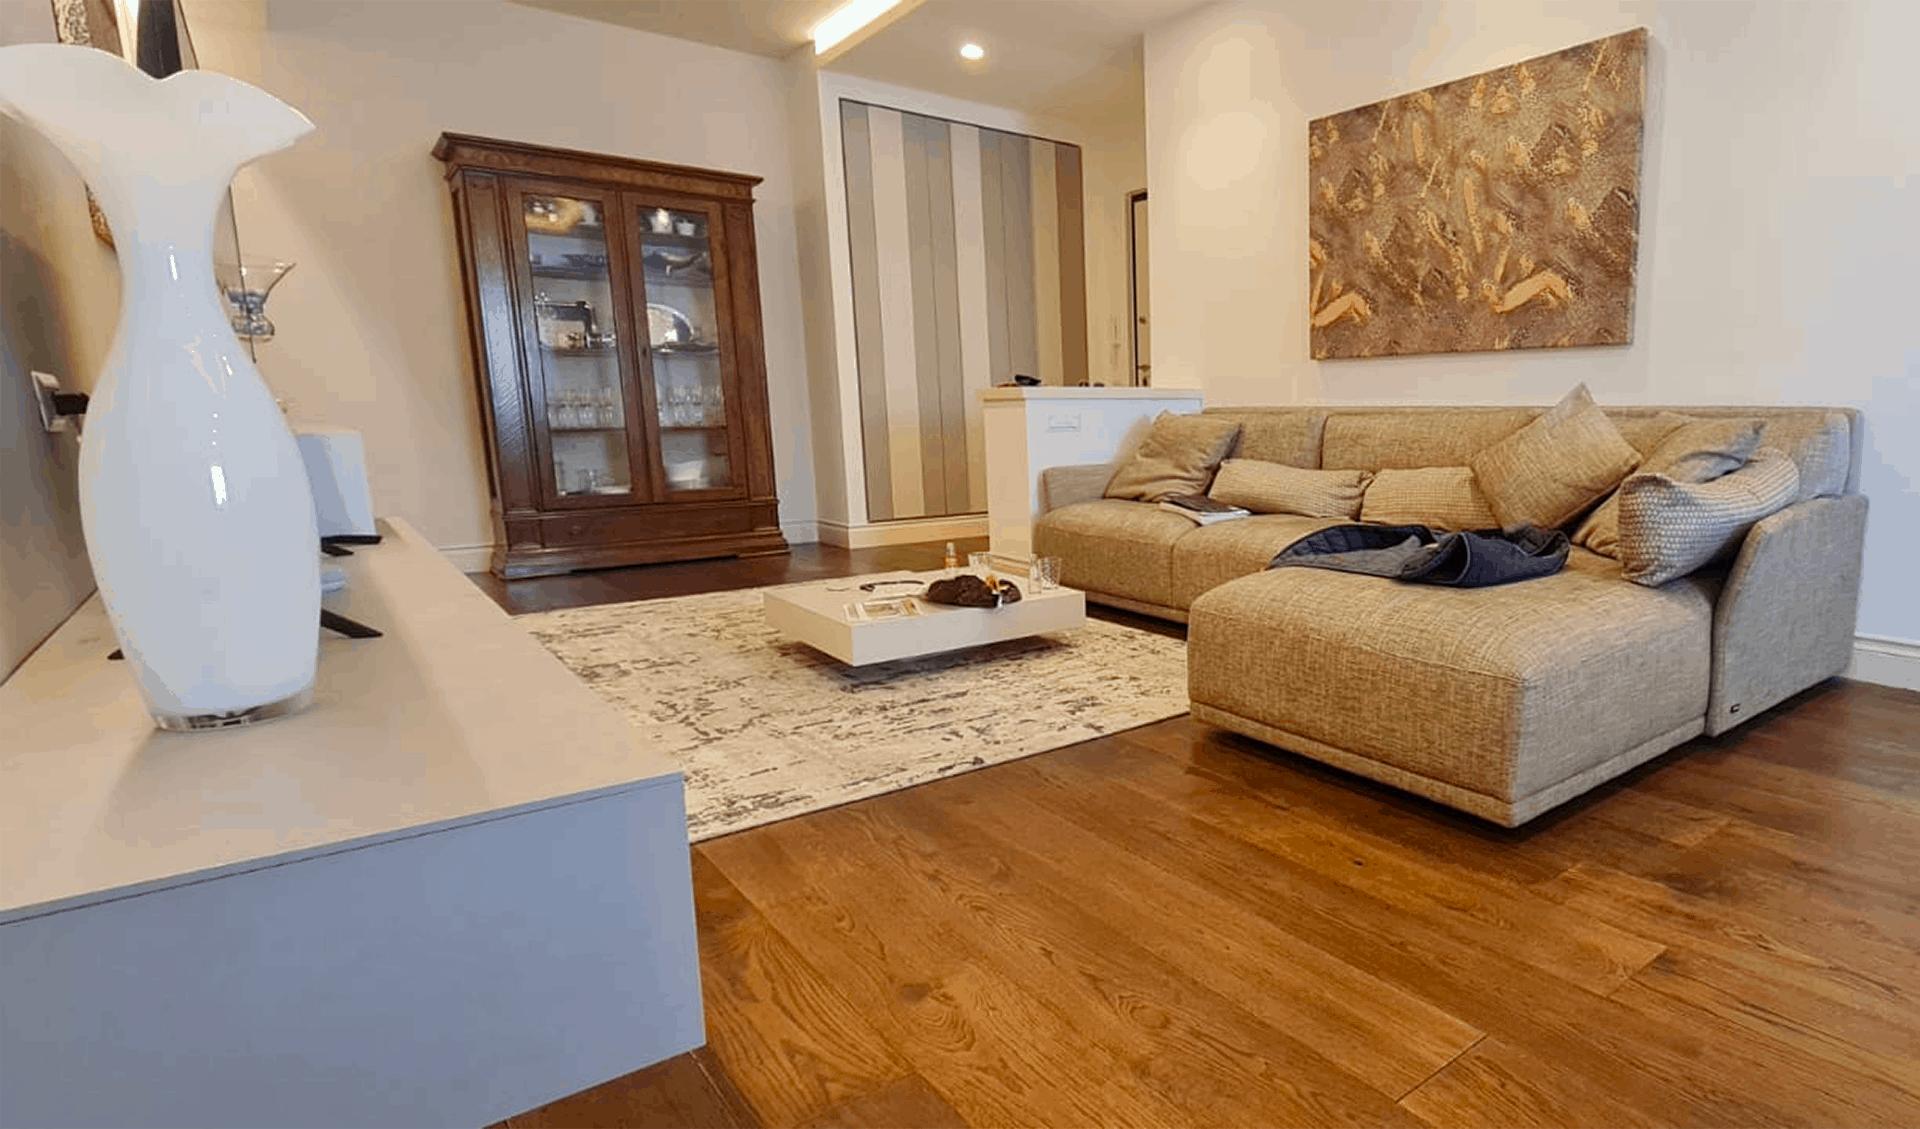 D'Amico Arreda progetto arredamento casa